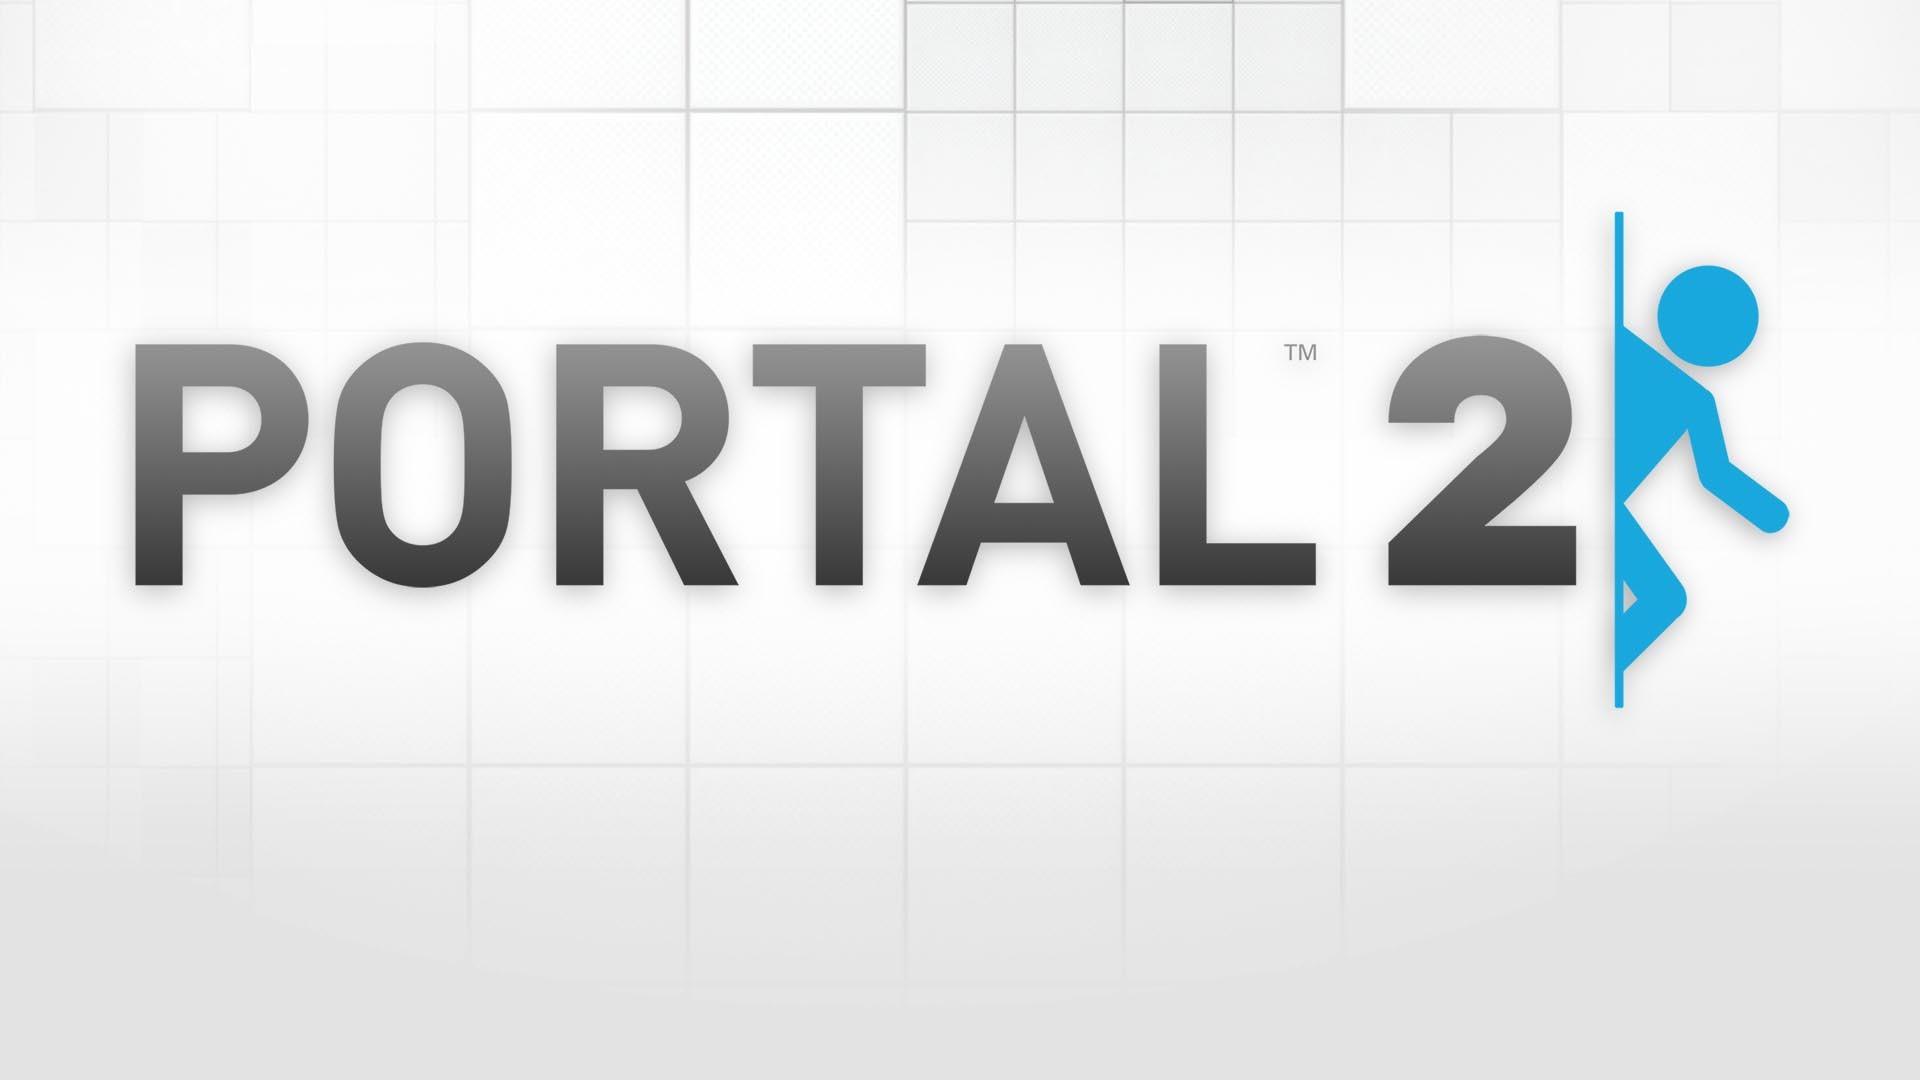 Portal 2 White HD Wallpaper. « »